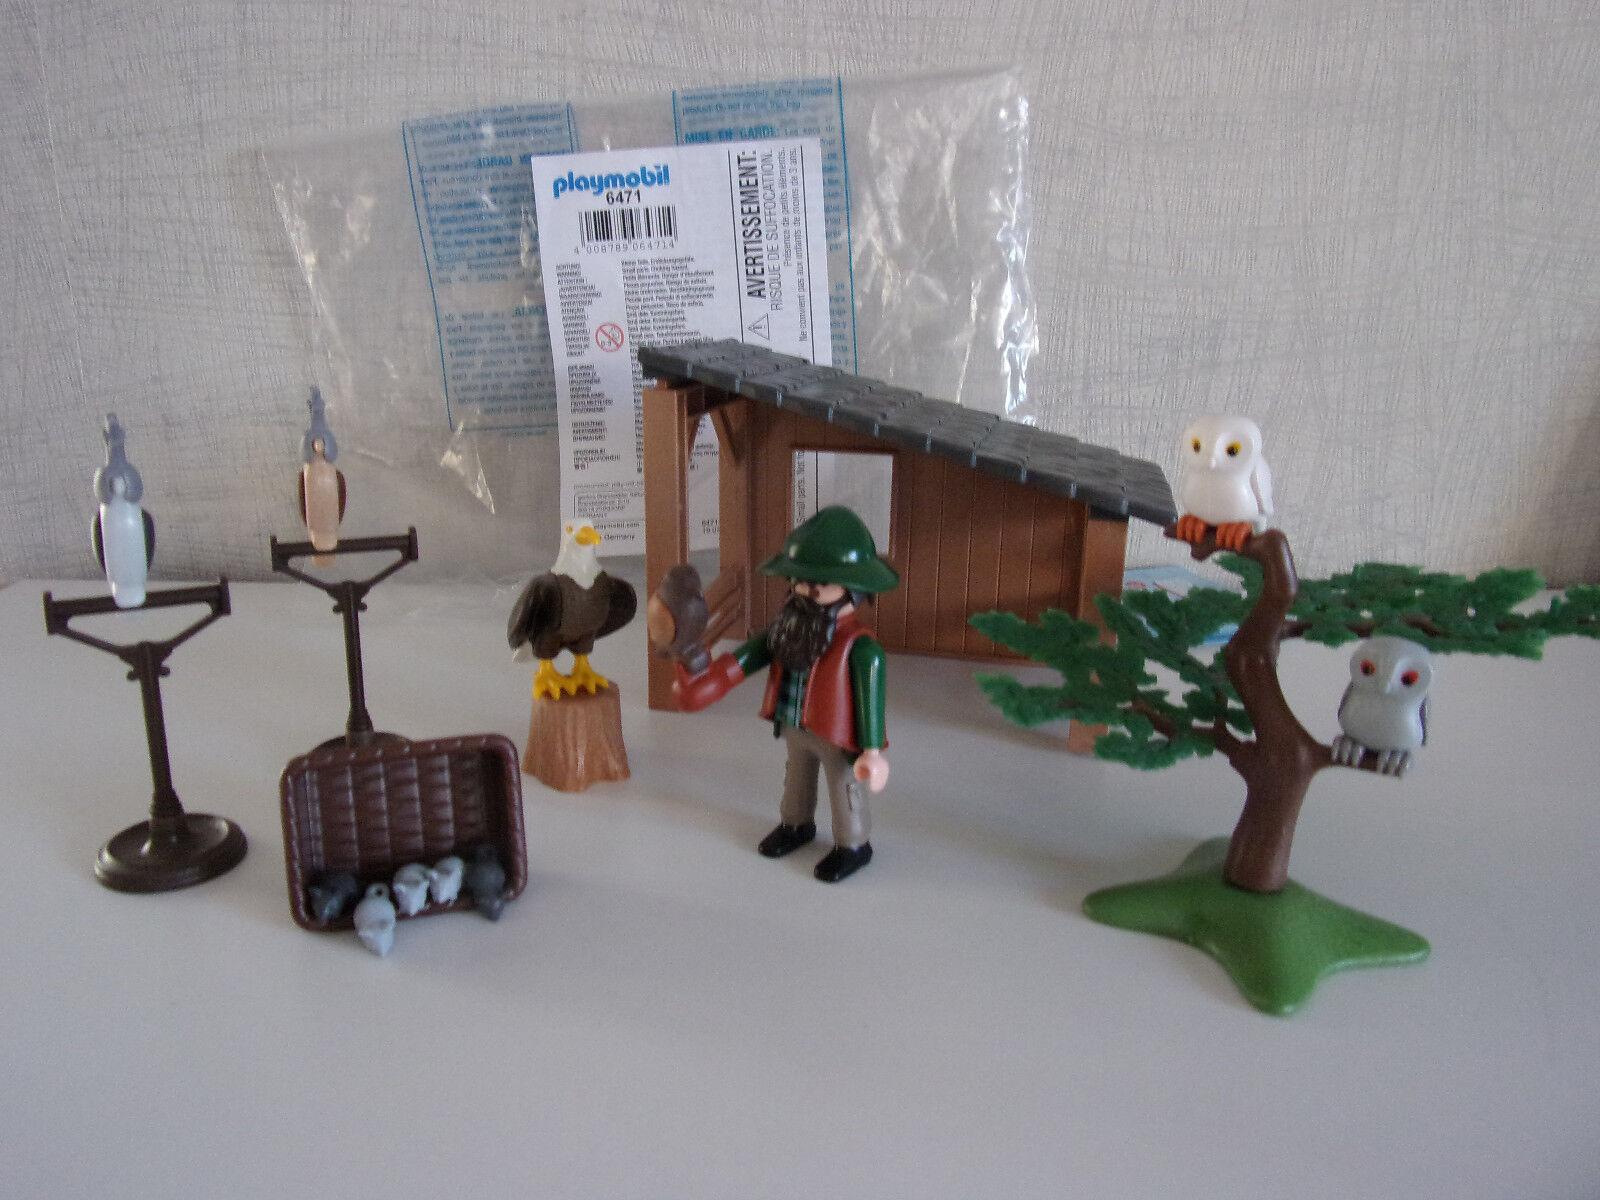 Playmobil Ergänzungen & Accessoire - 6471 Falknerei (Country) -